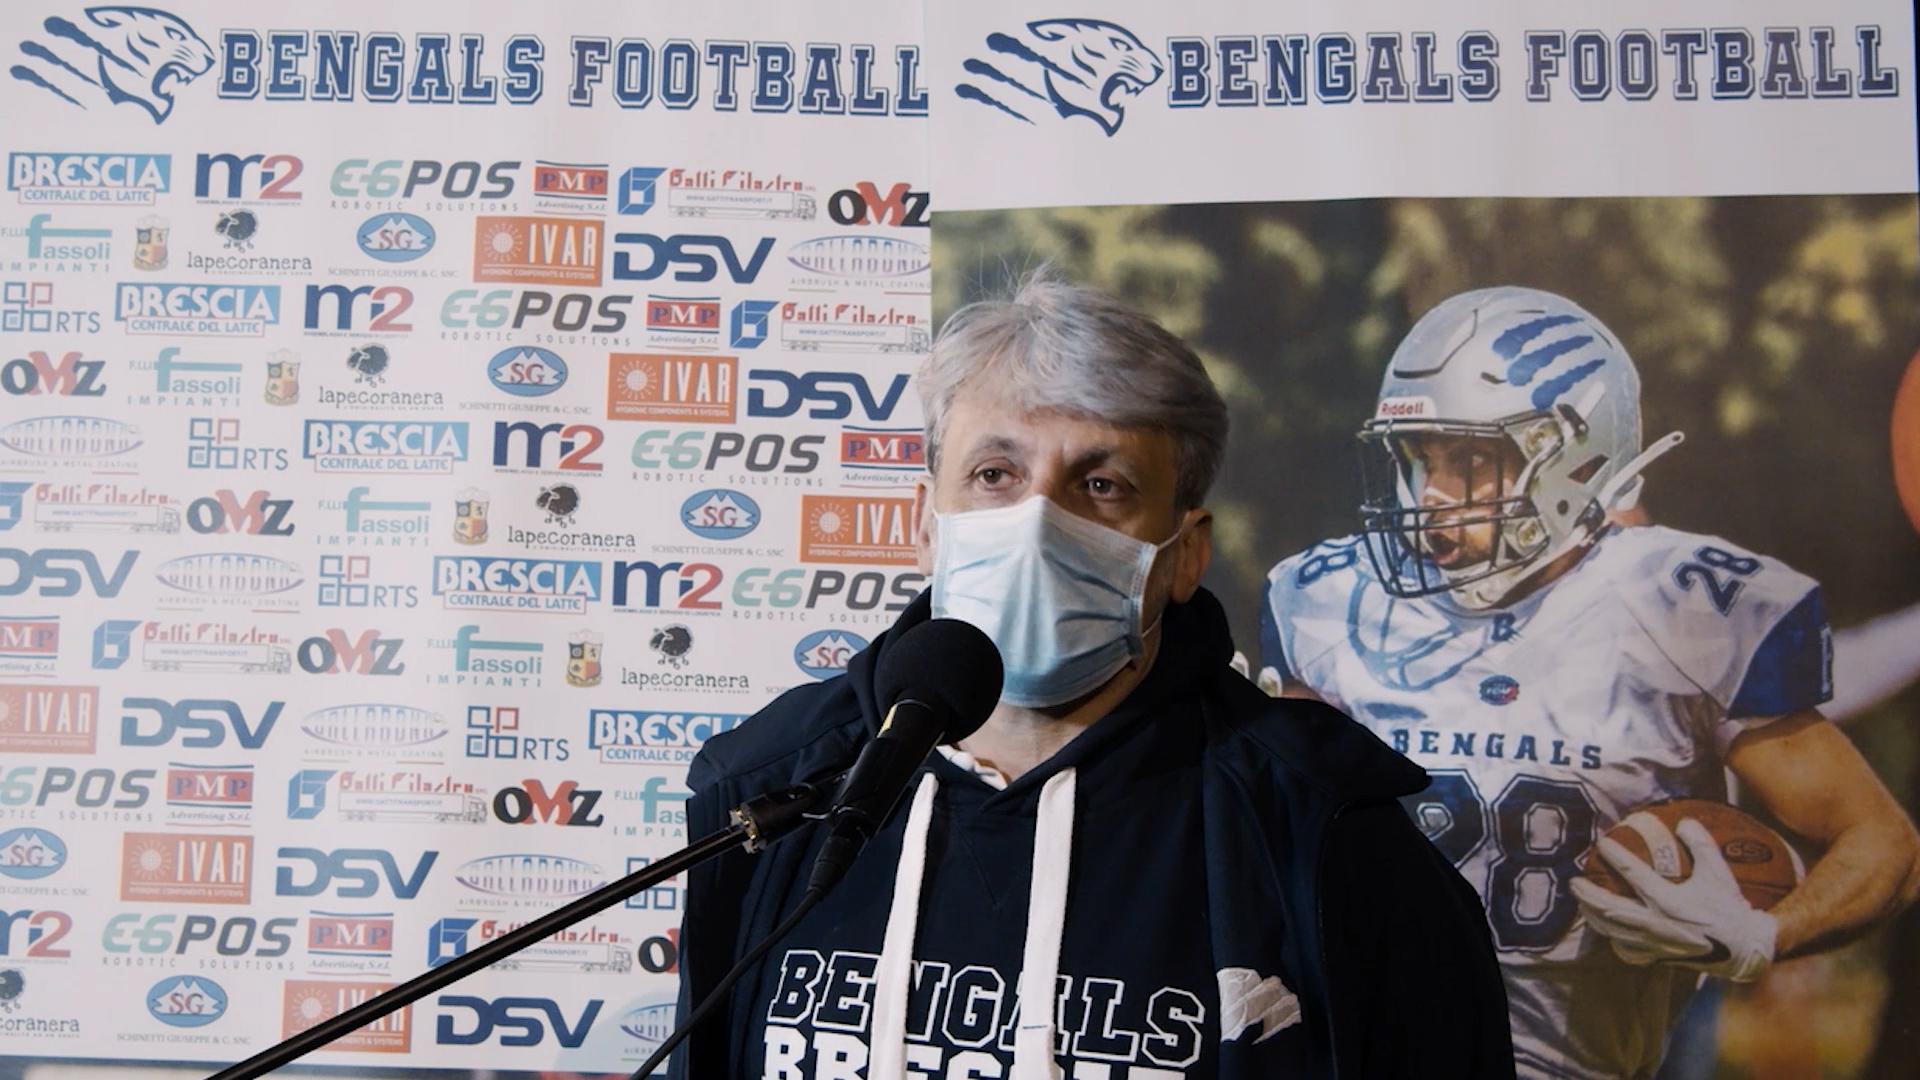 """Bengals, domenica alle 15.00 ci sono i Vipers. Corti """"è un avversario tosto"""""""